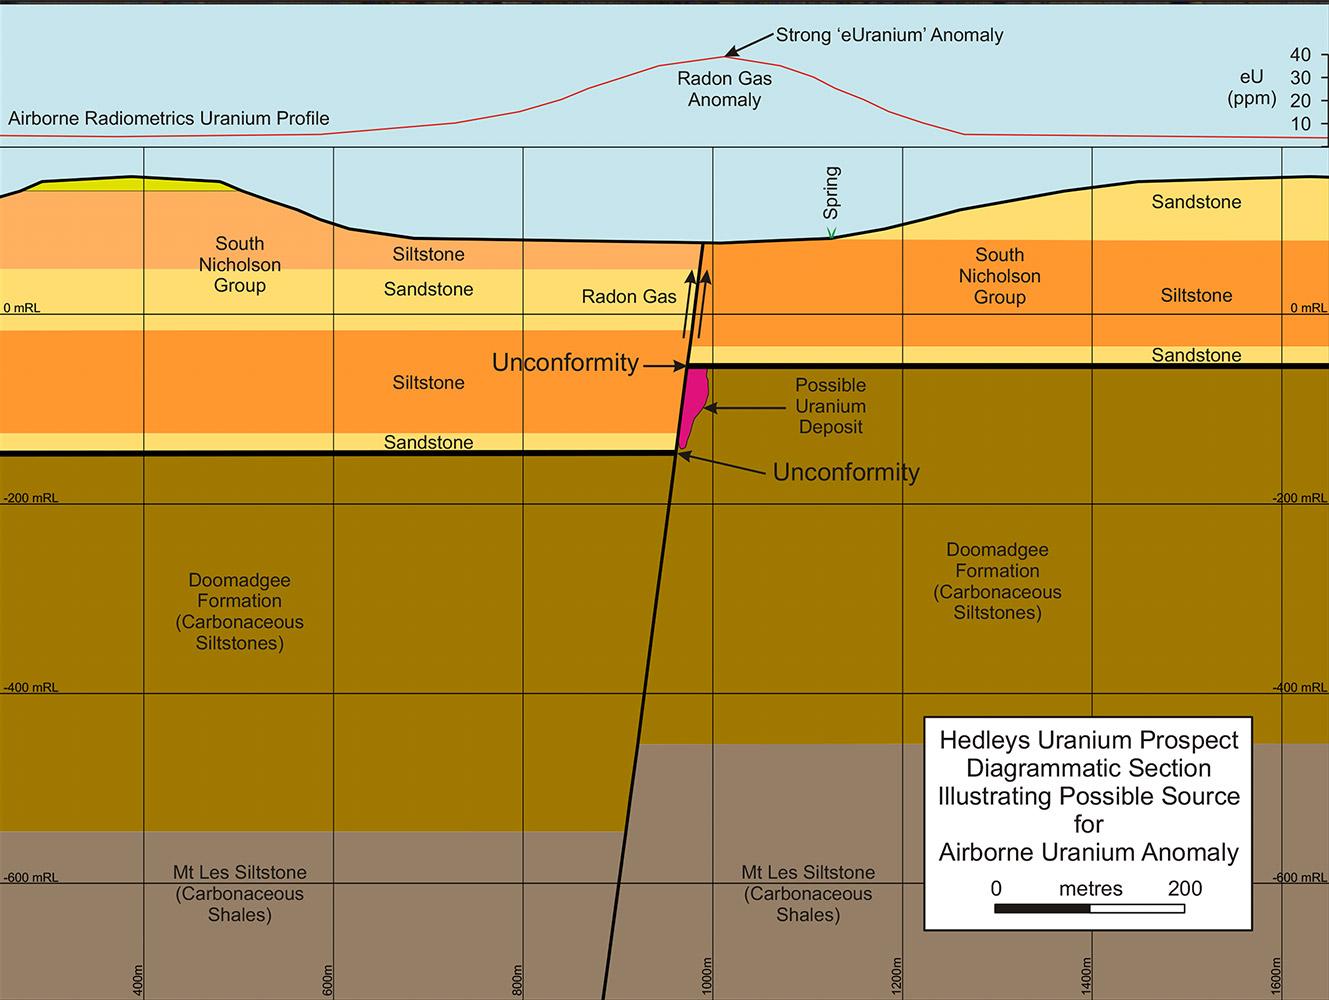 Hedleys Uranium